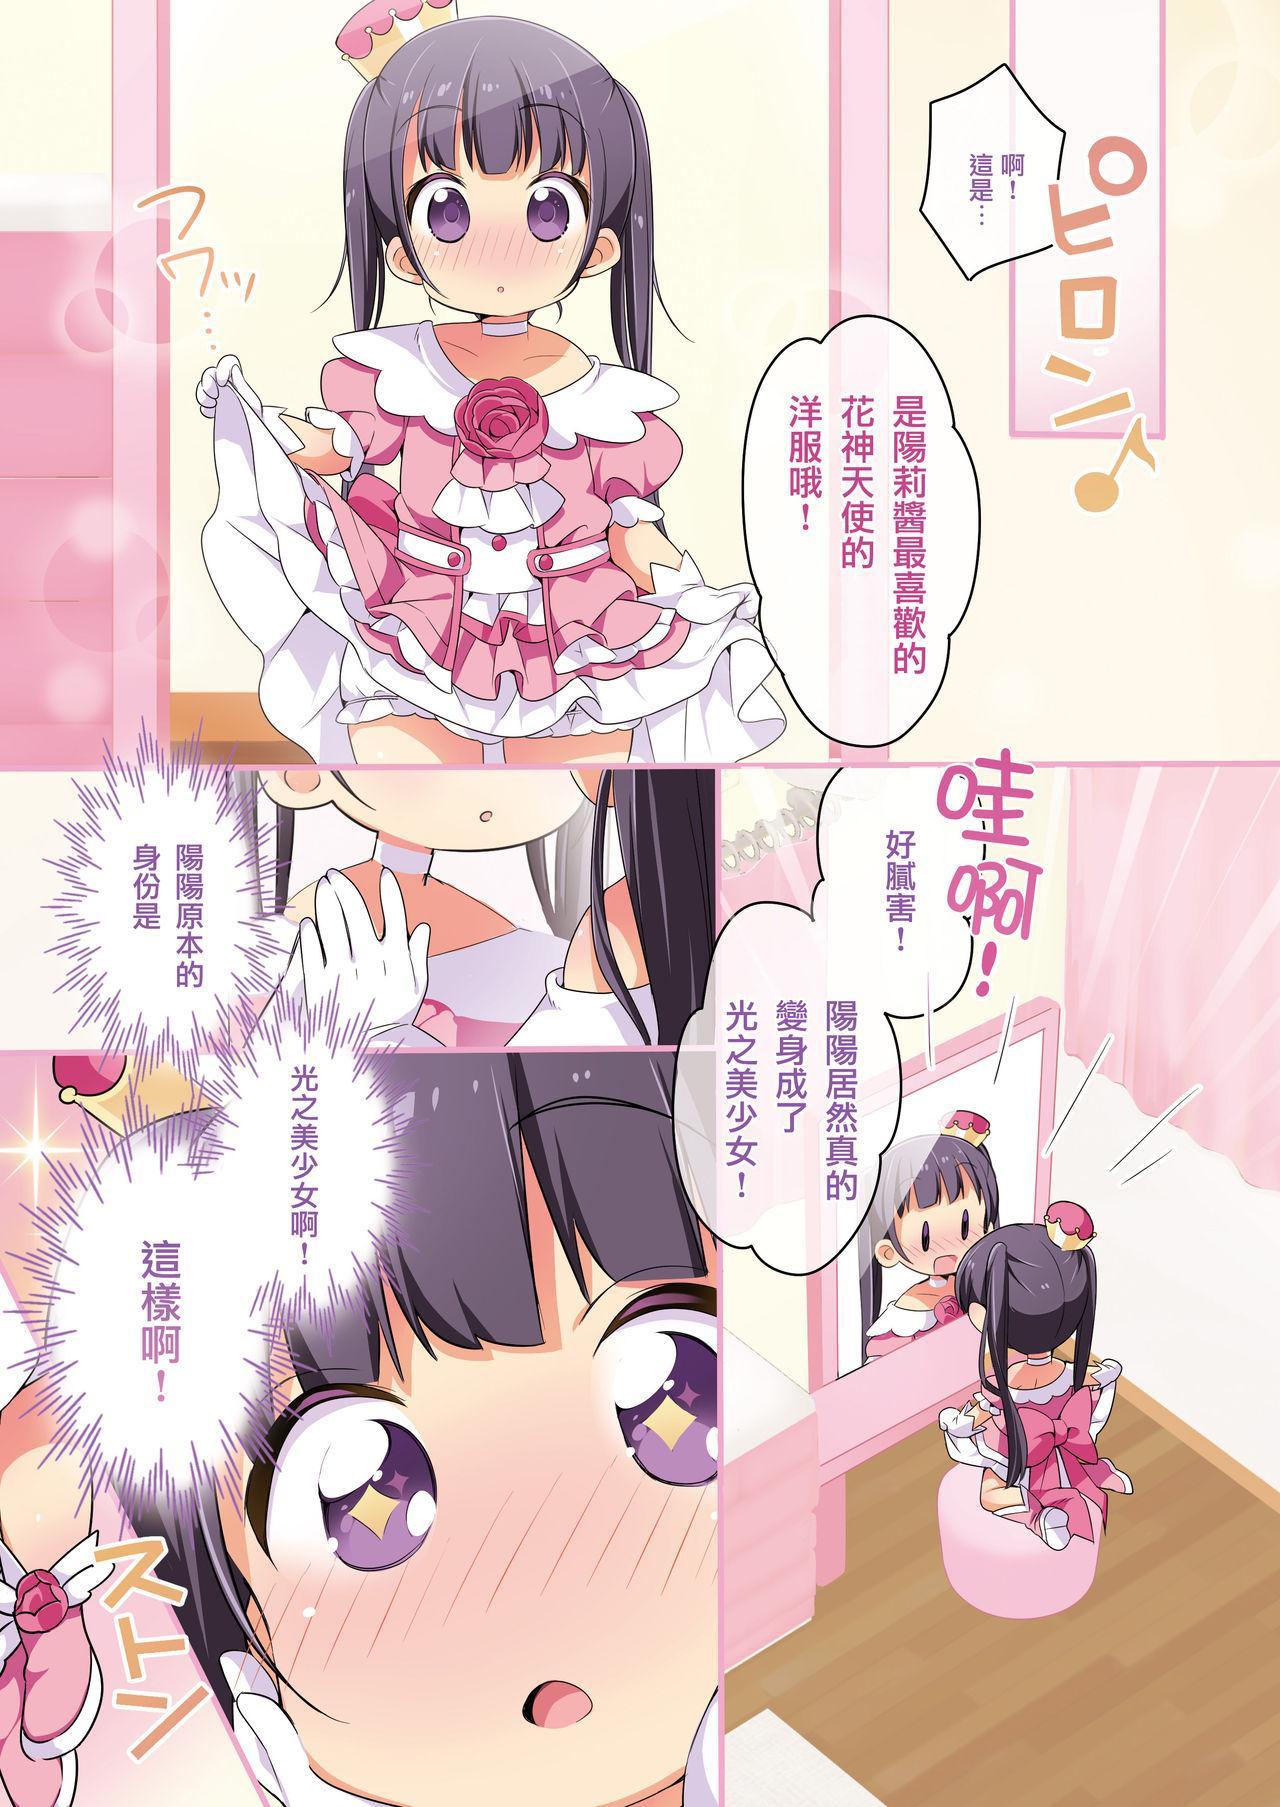 Kisekae Appli de Kawaiku Henshin! 18